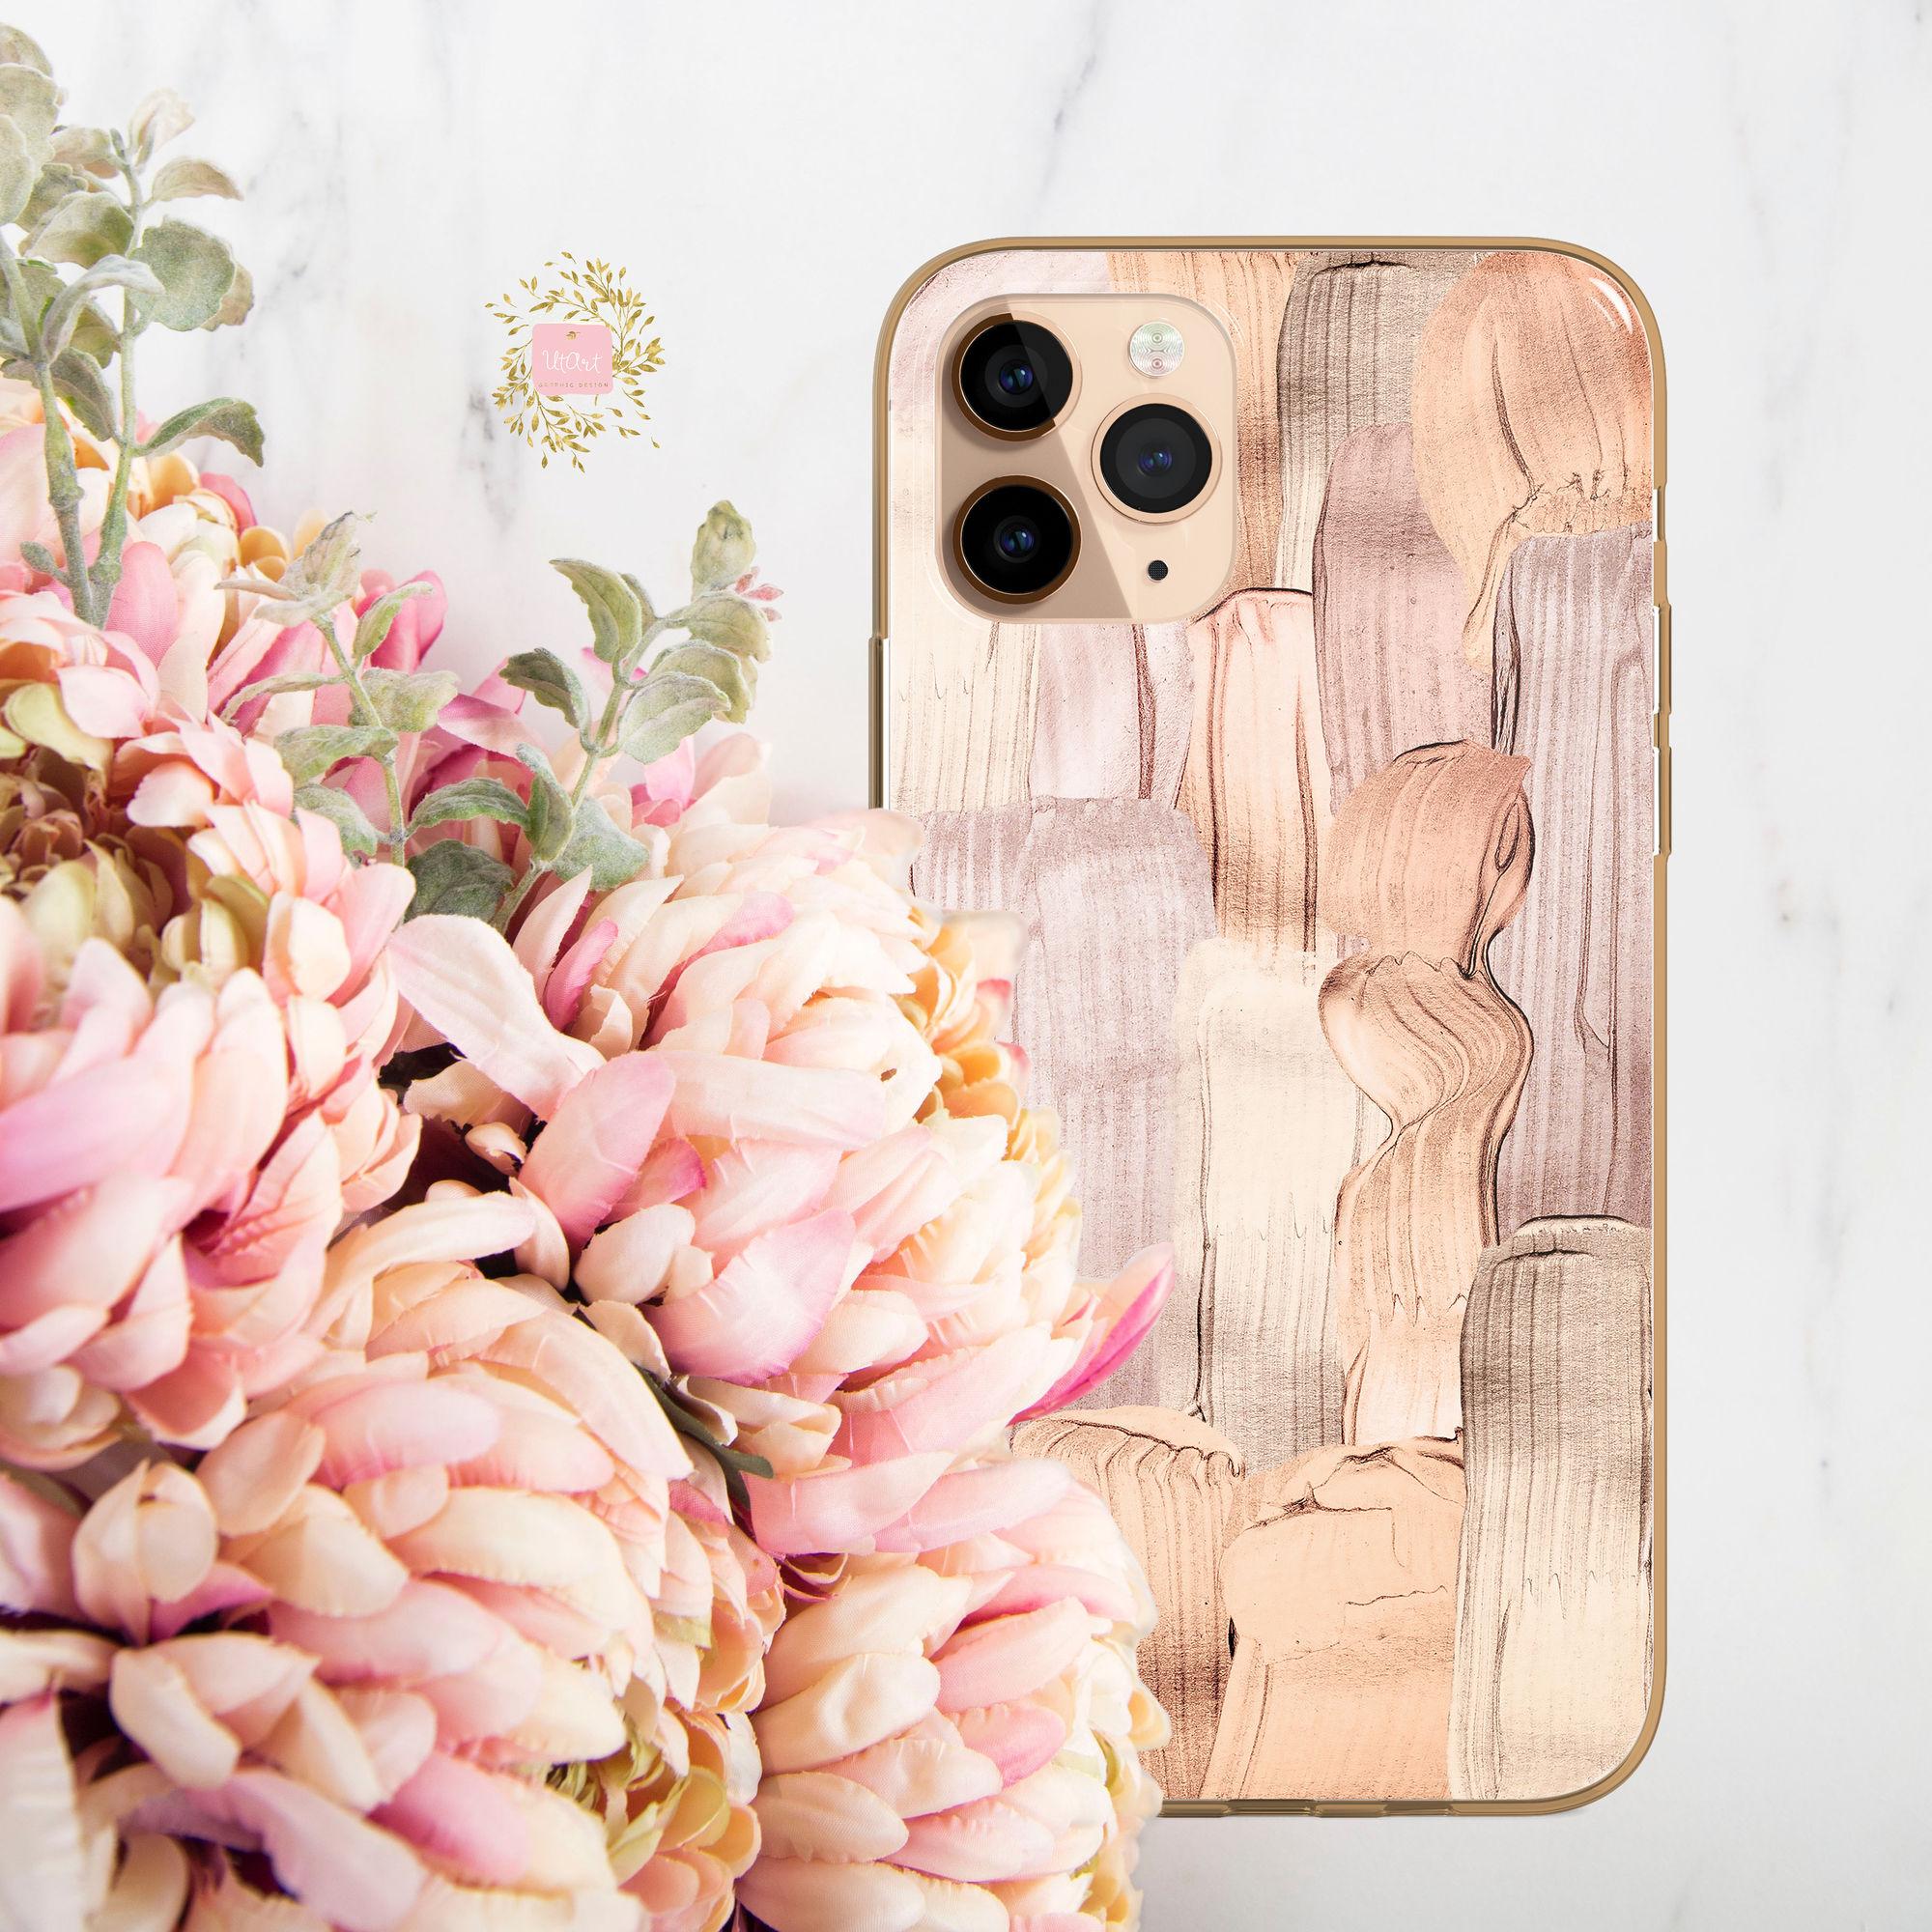 UTART Girly  Stroke Art Phone Case